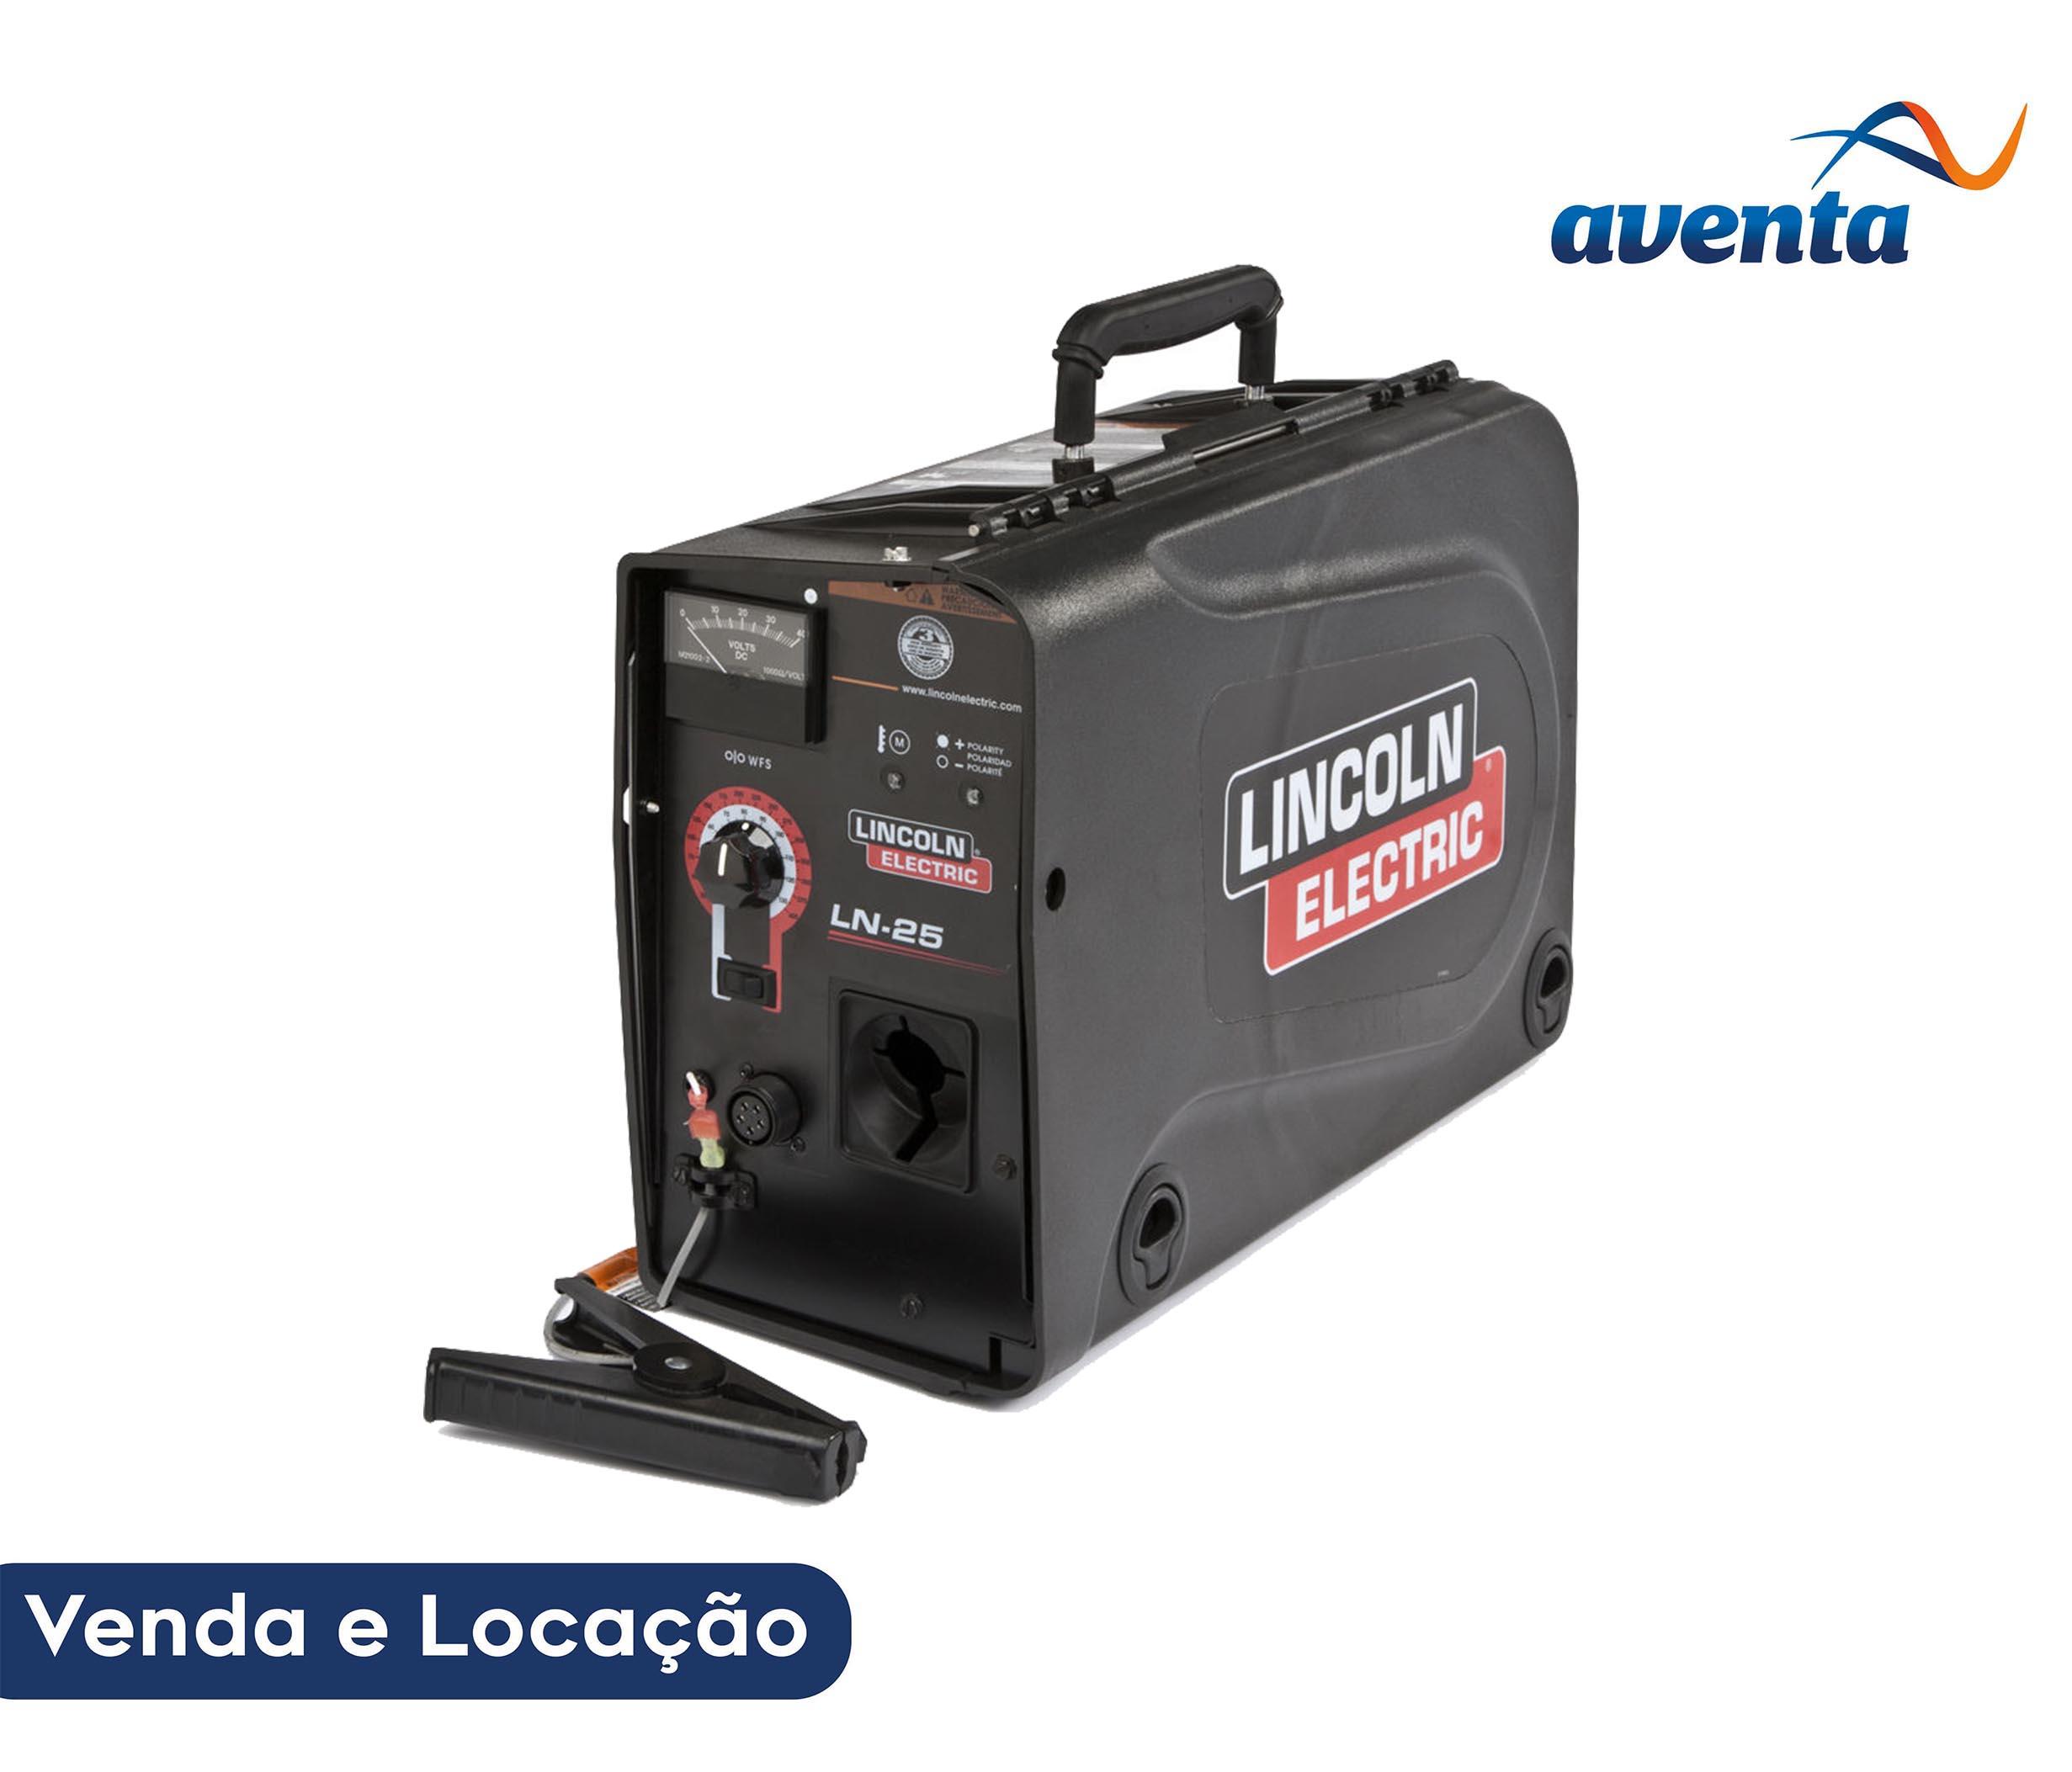 LN25 Lincoln Alimentador de Arame